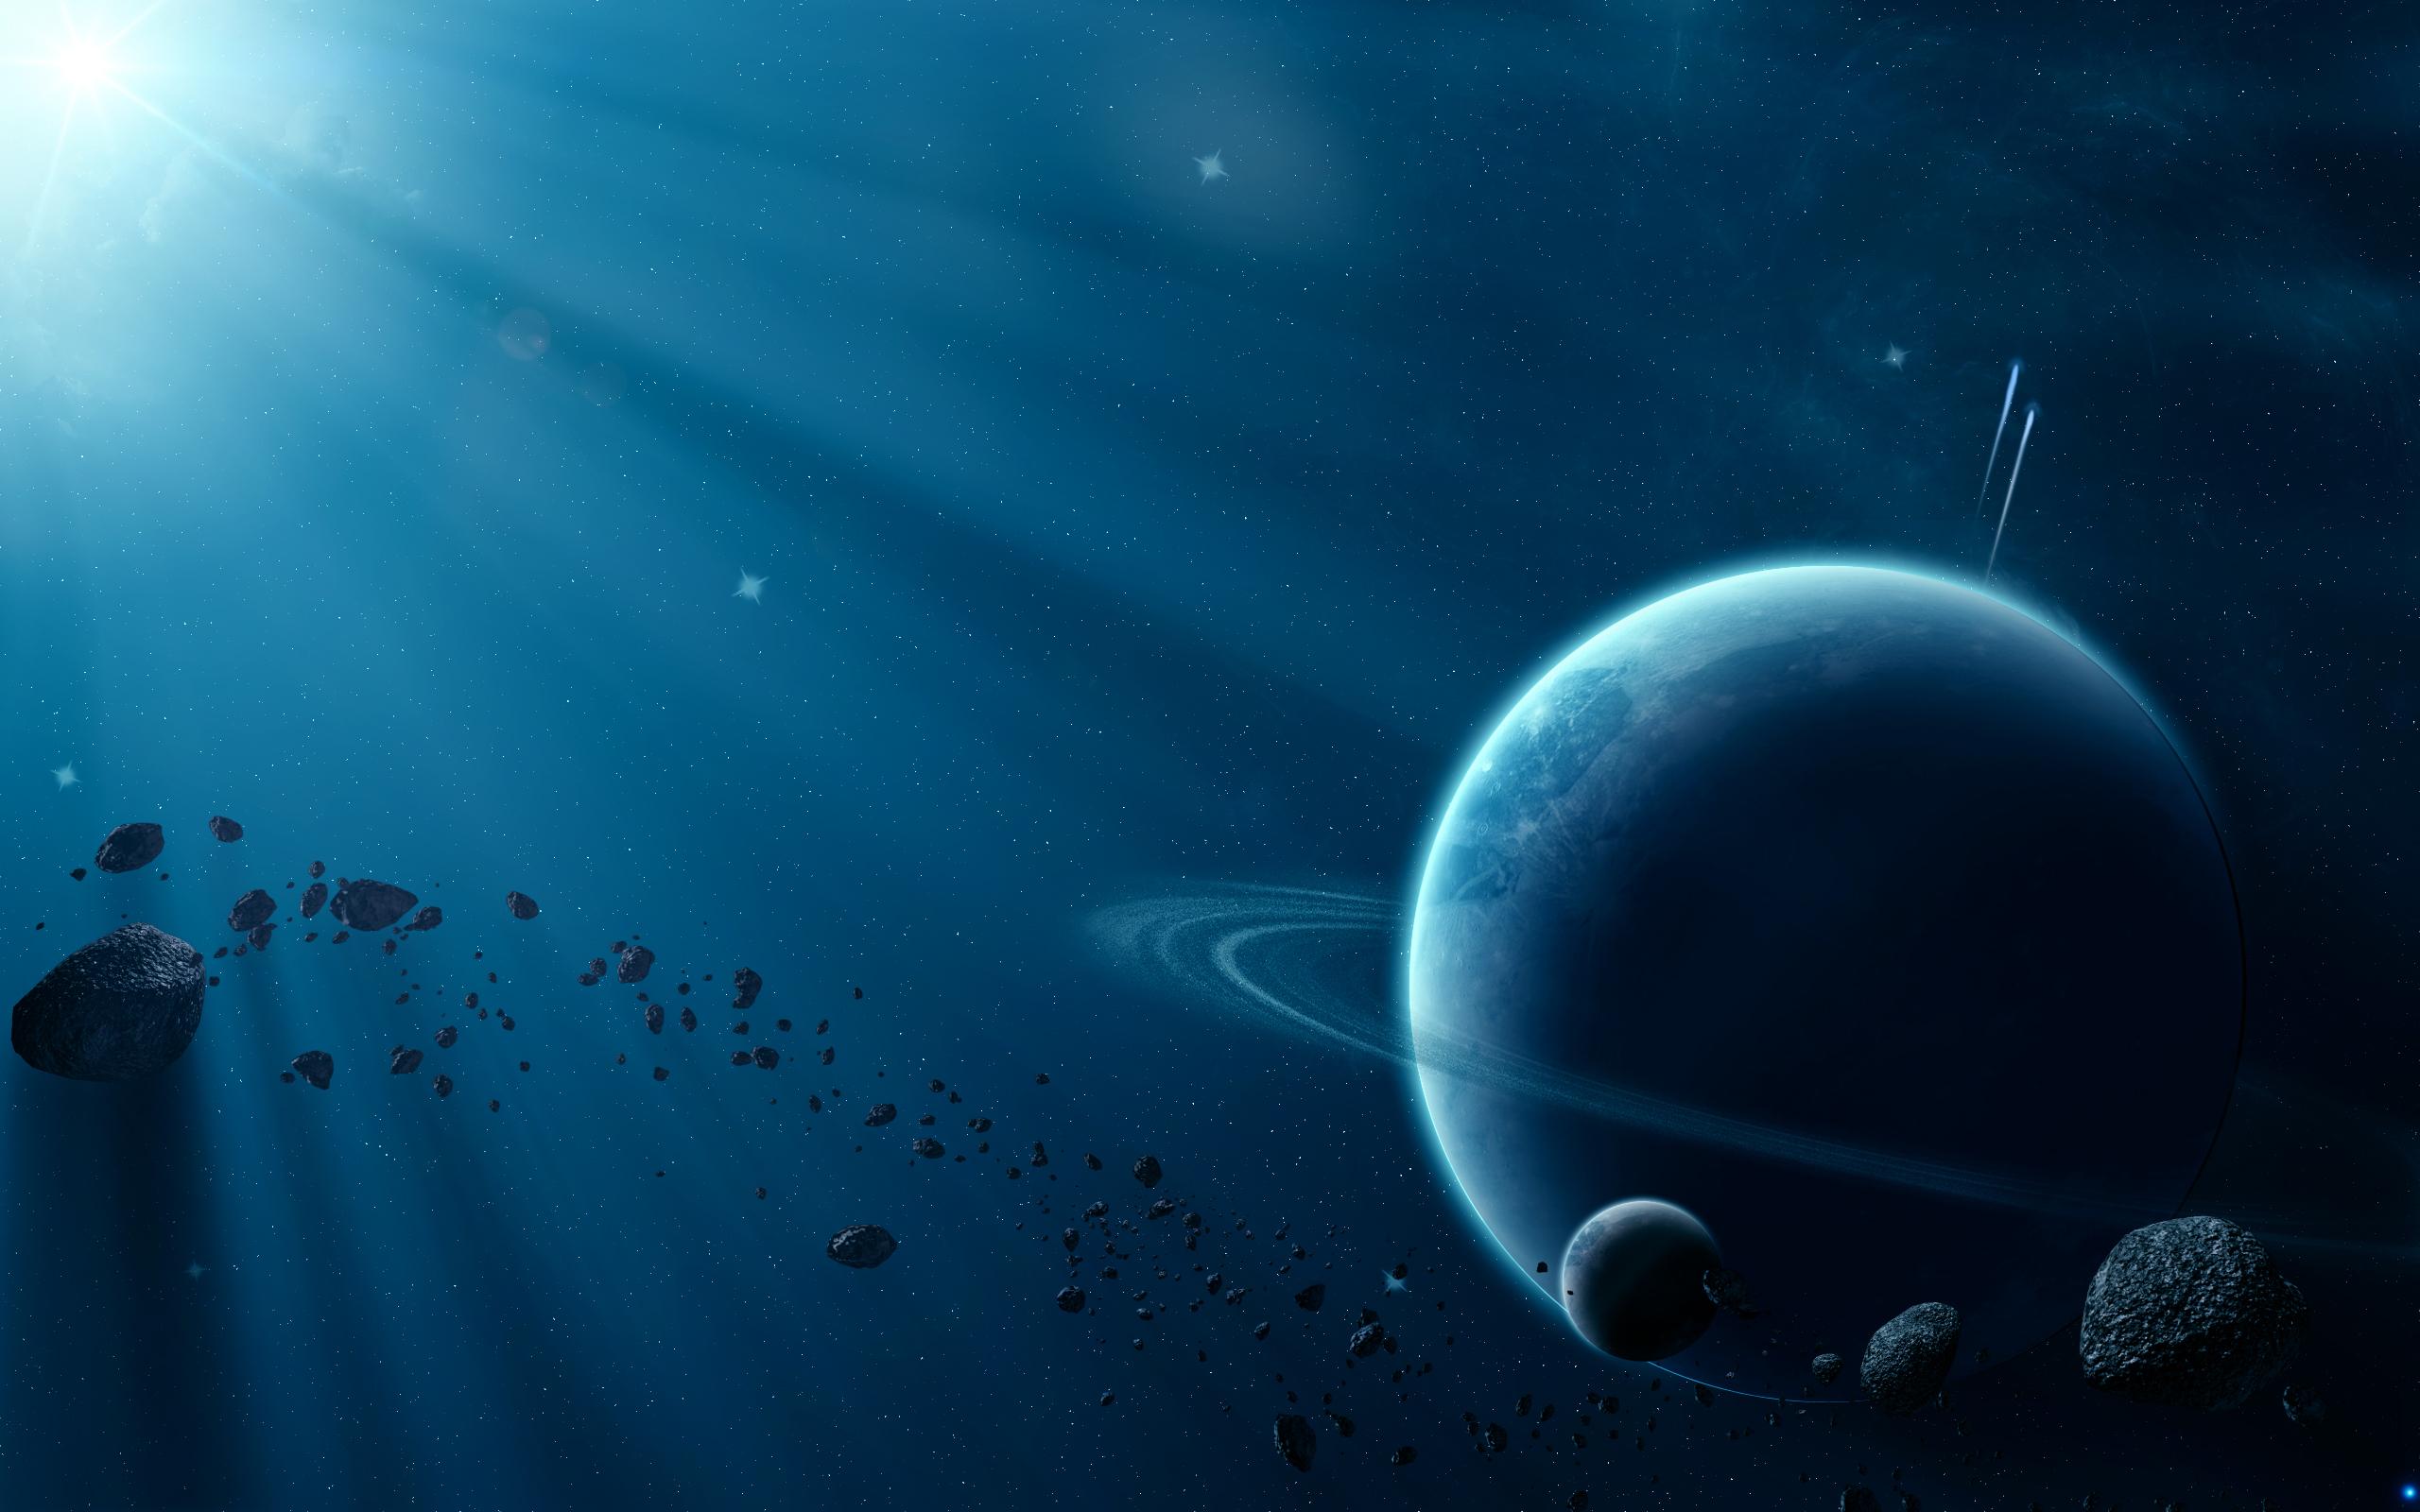 Обои Темная планета картинки на рабочий стол на тему Космос - скачать  № 1763055 без смс